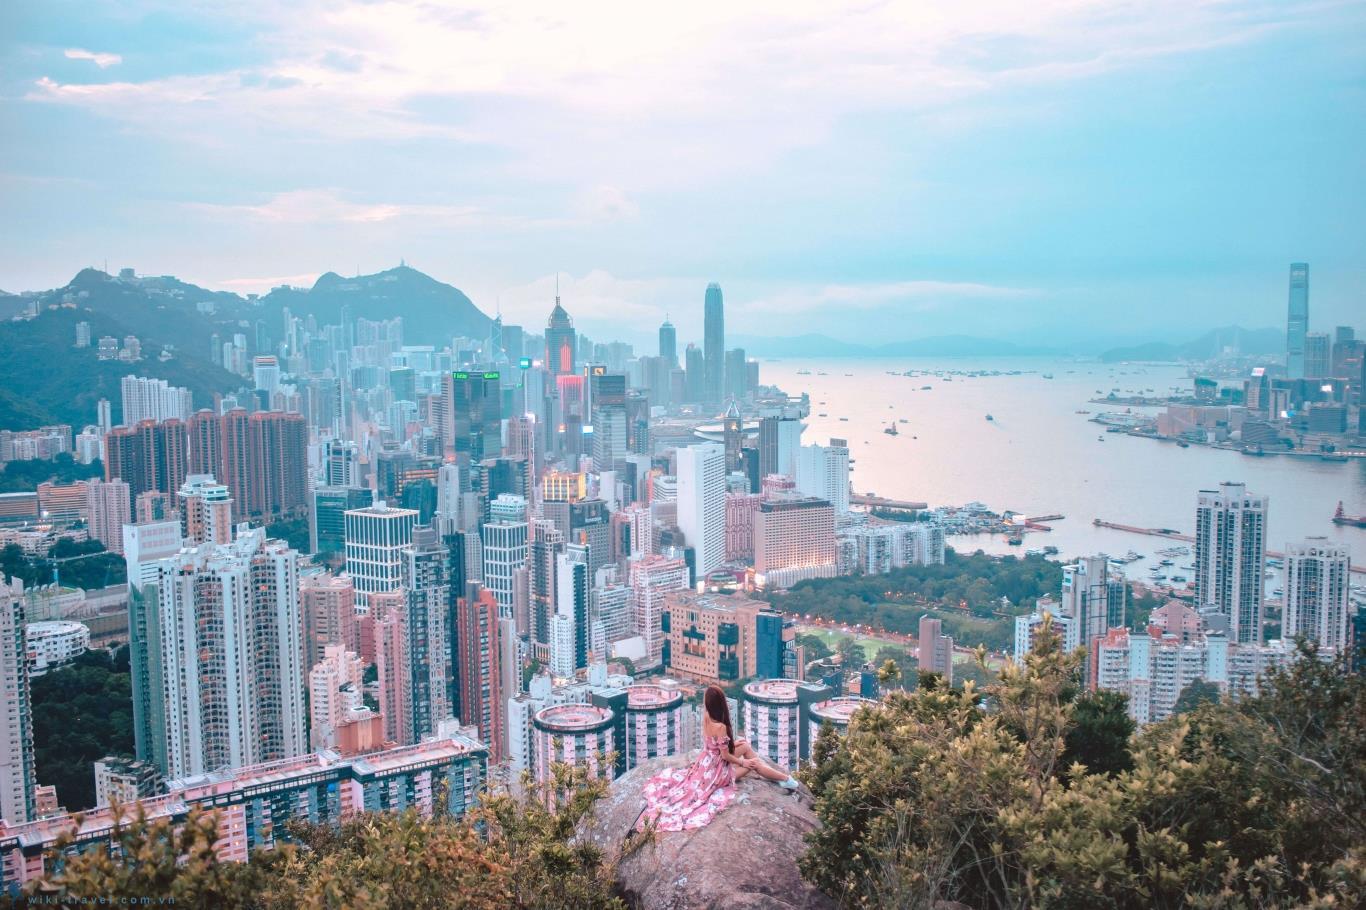 Ảnh Hồng Kông đẹp mê hồn